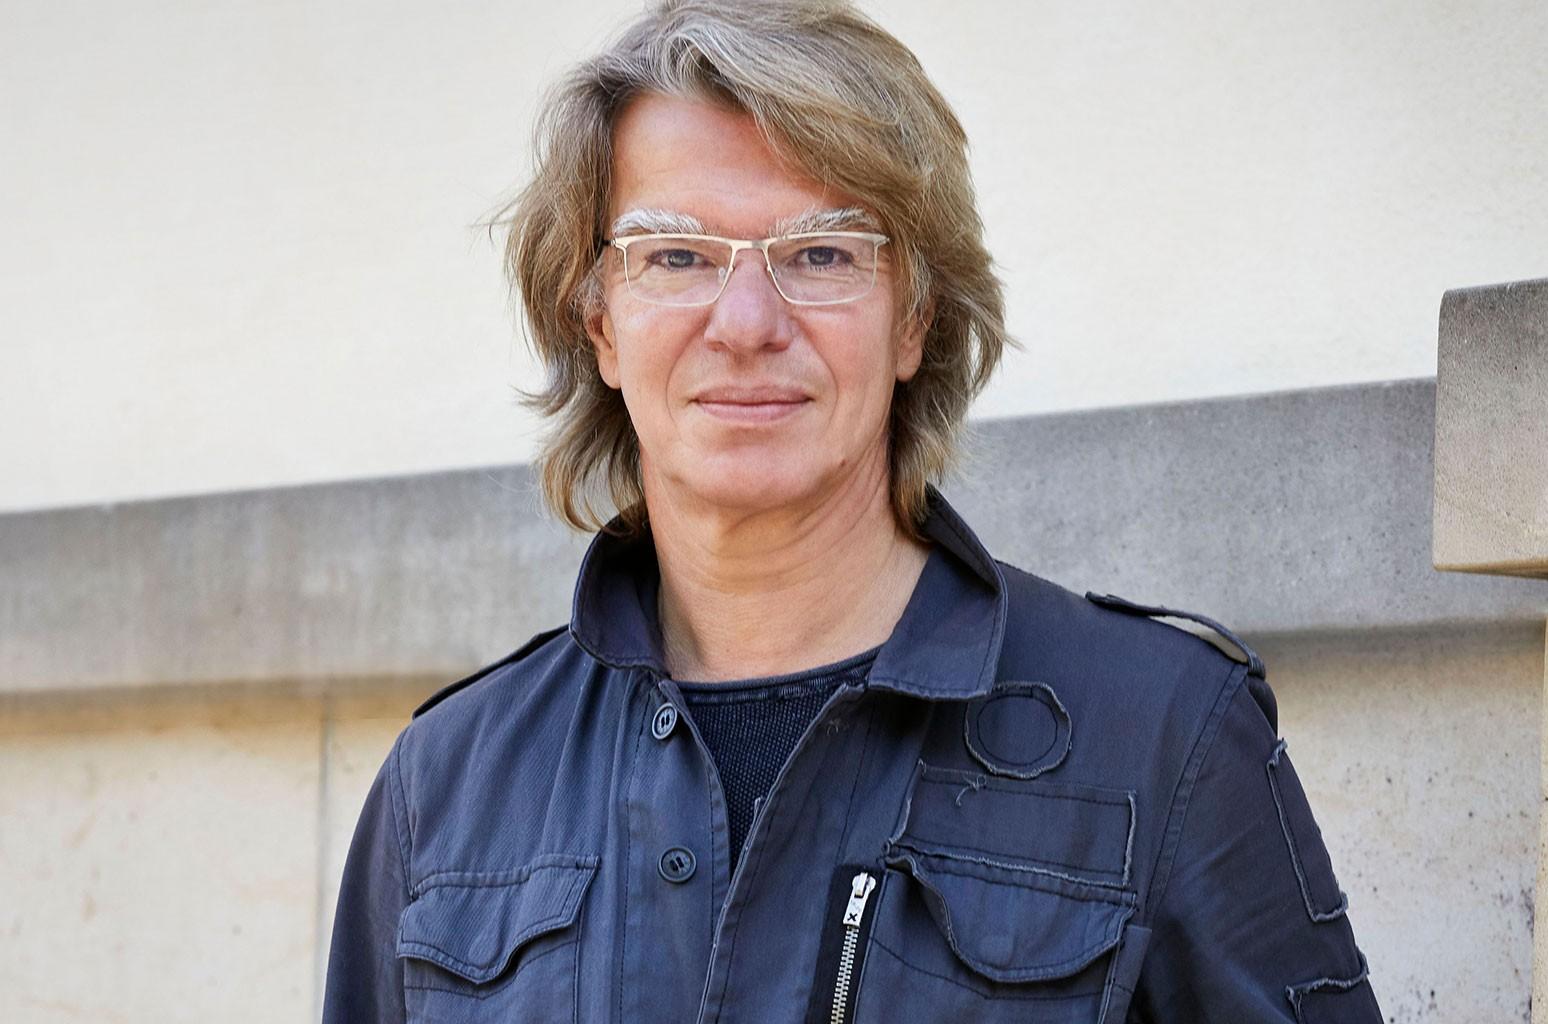 Christian Kellersmann